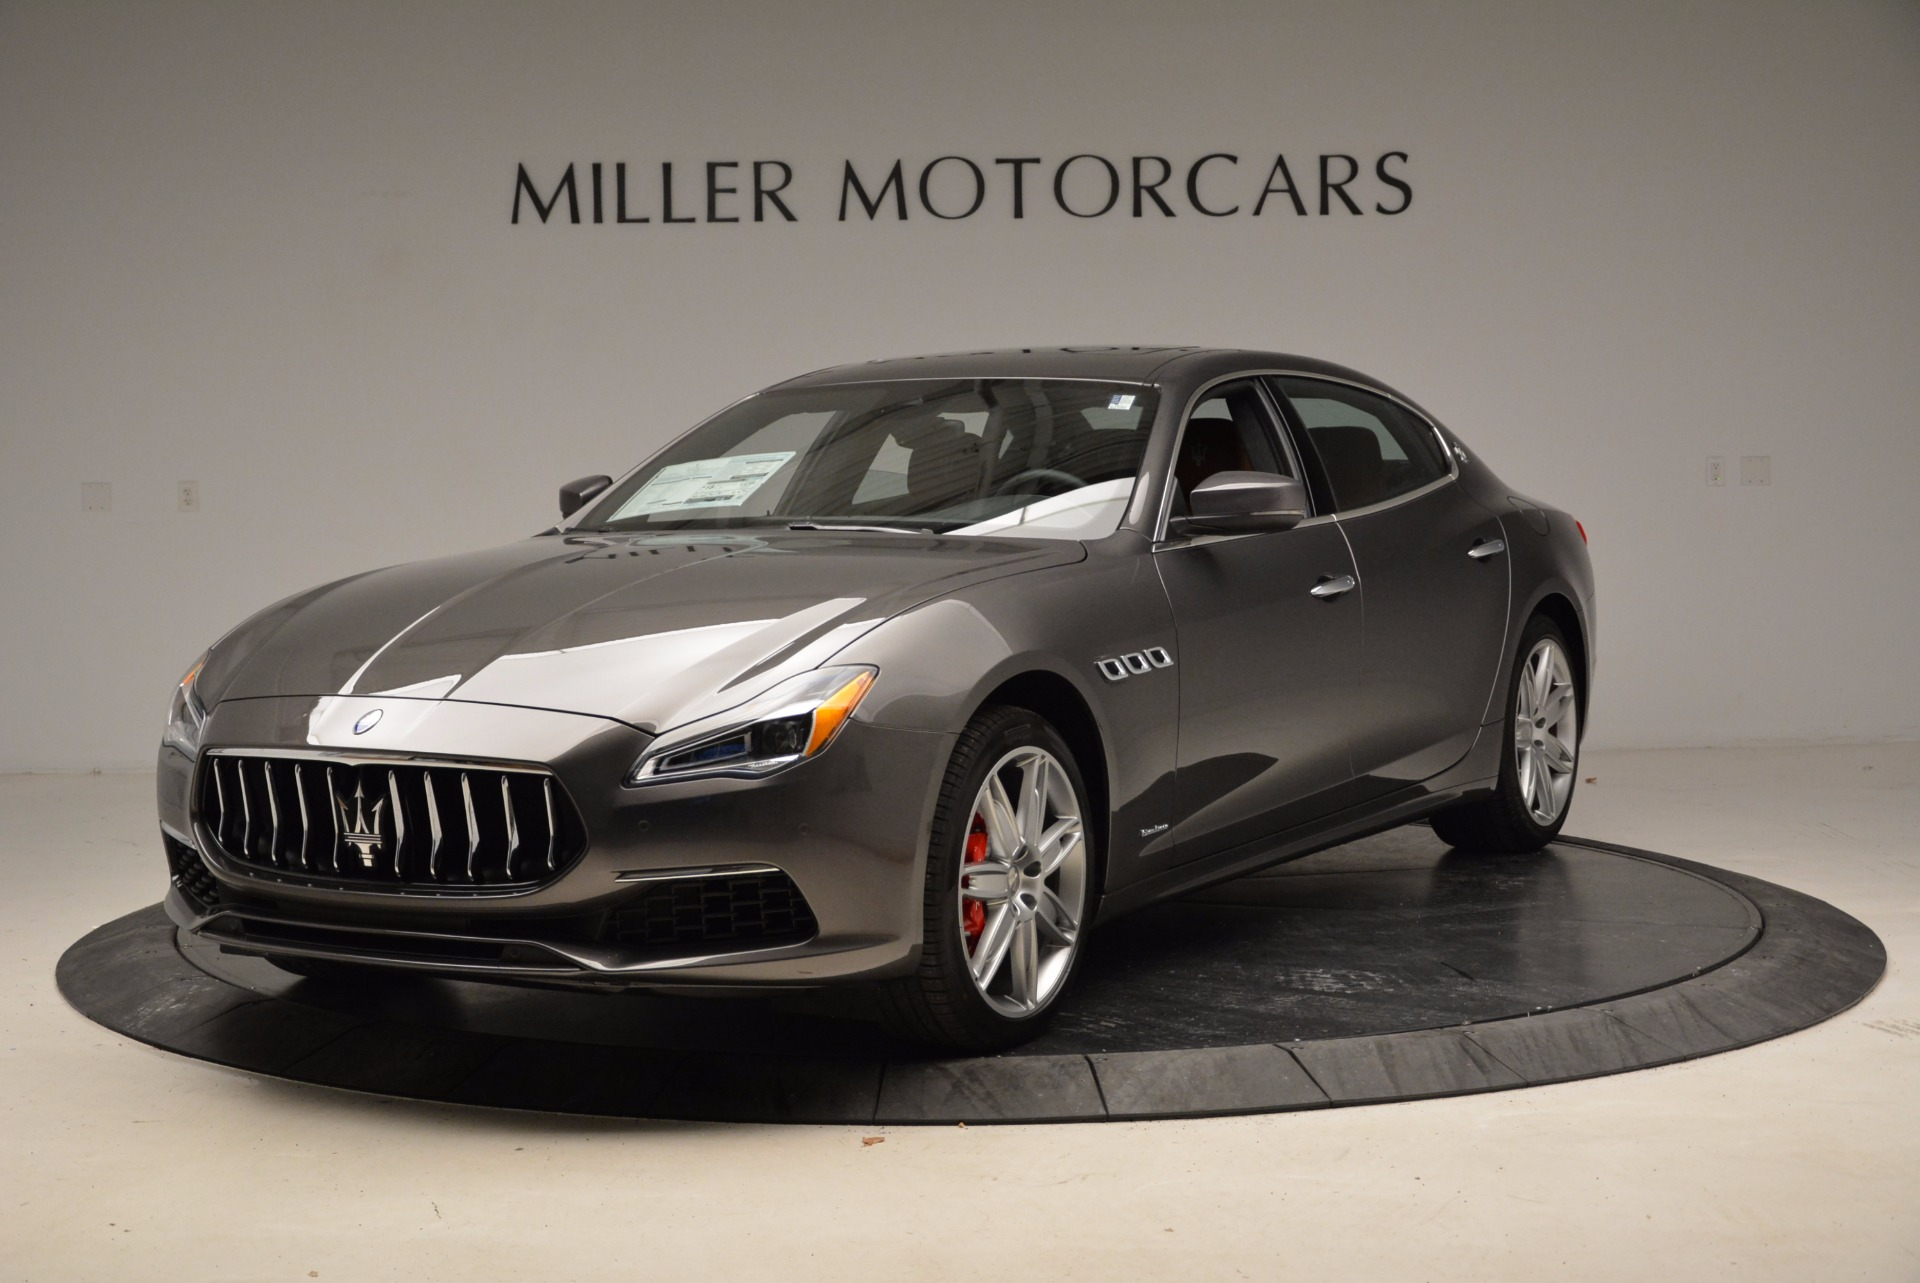 New 2018 Maserati Quattroporte S Q4 GranLusso For Sale In Greenwich, CT 1888_main